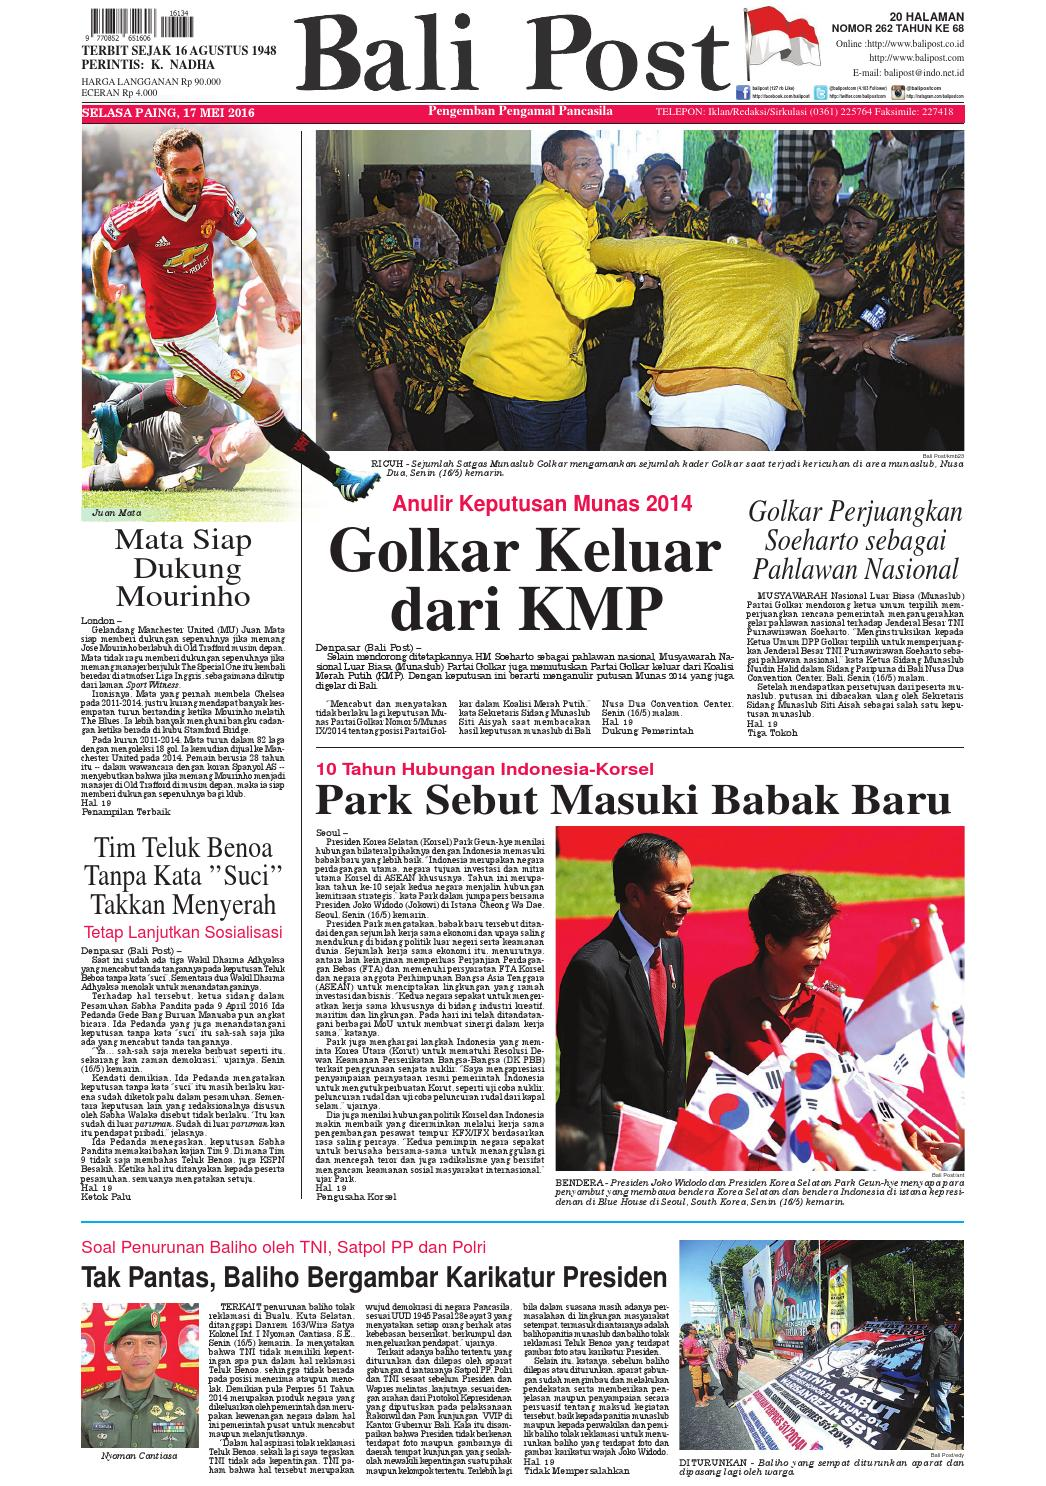 Edisi 17 Mei 2016 Balipostcom By E Paper KMB Issuu